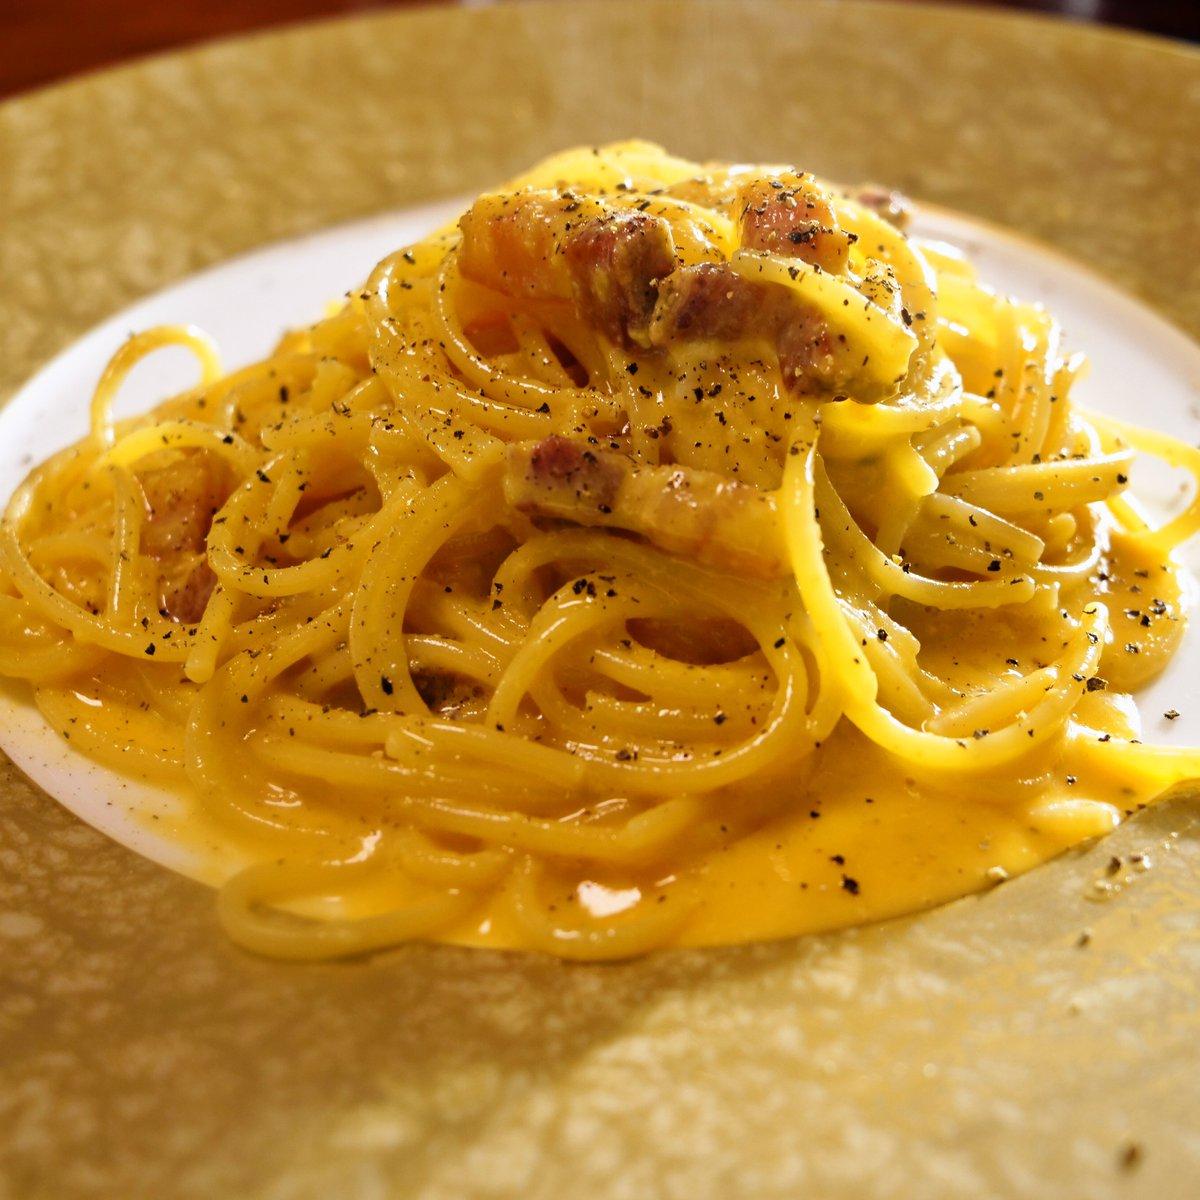 トロっと濃厚な味わい!レシピ修正を繰り返しているカルボナーラの最新版がこちら!